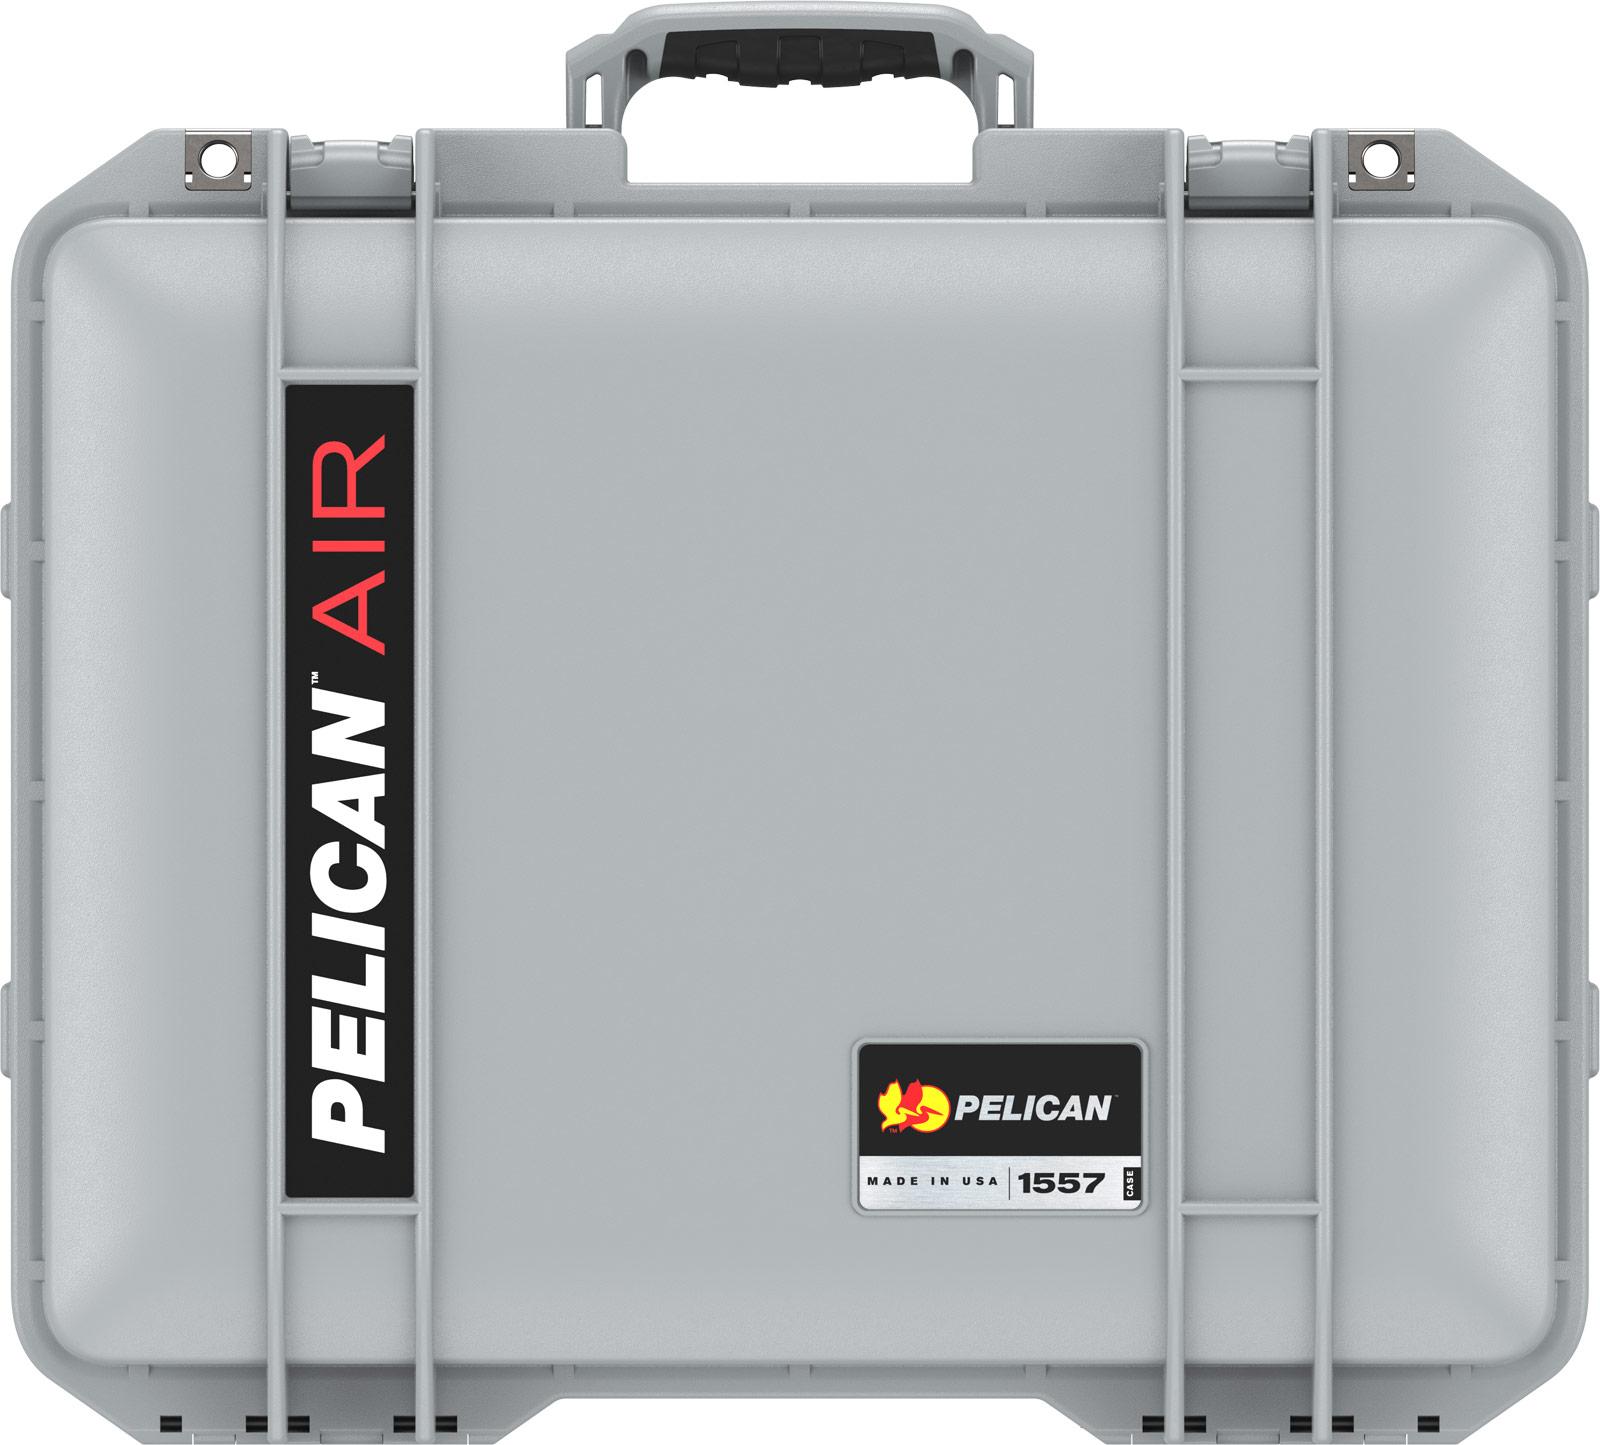 pelican 1557 silver case with foam